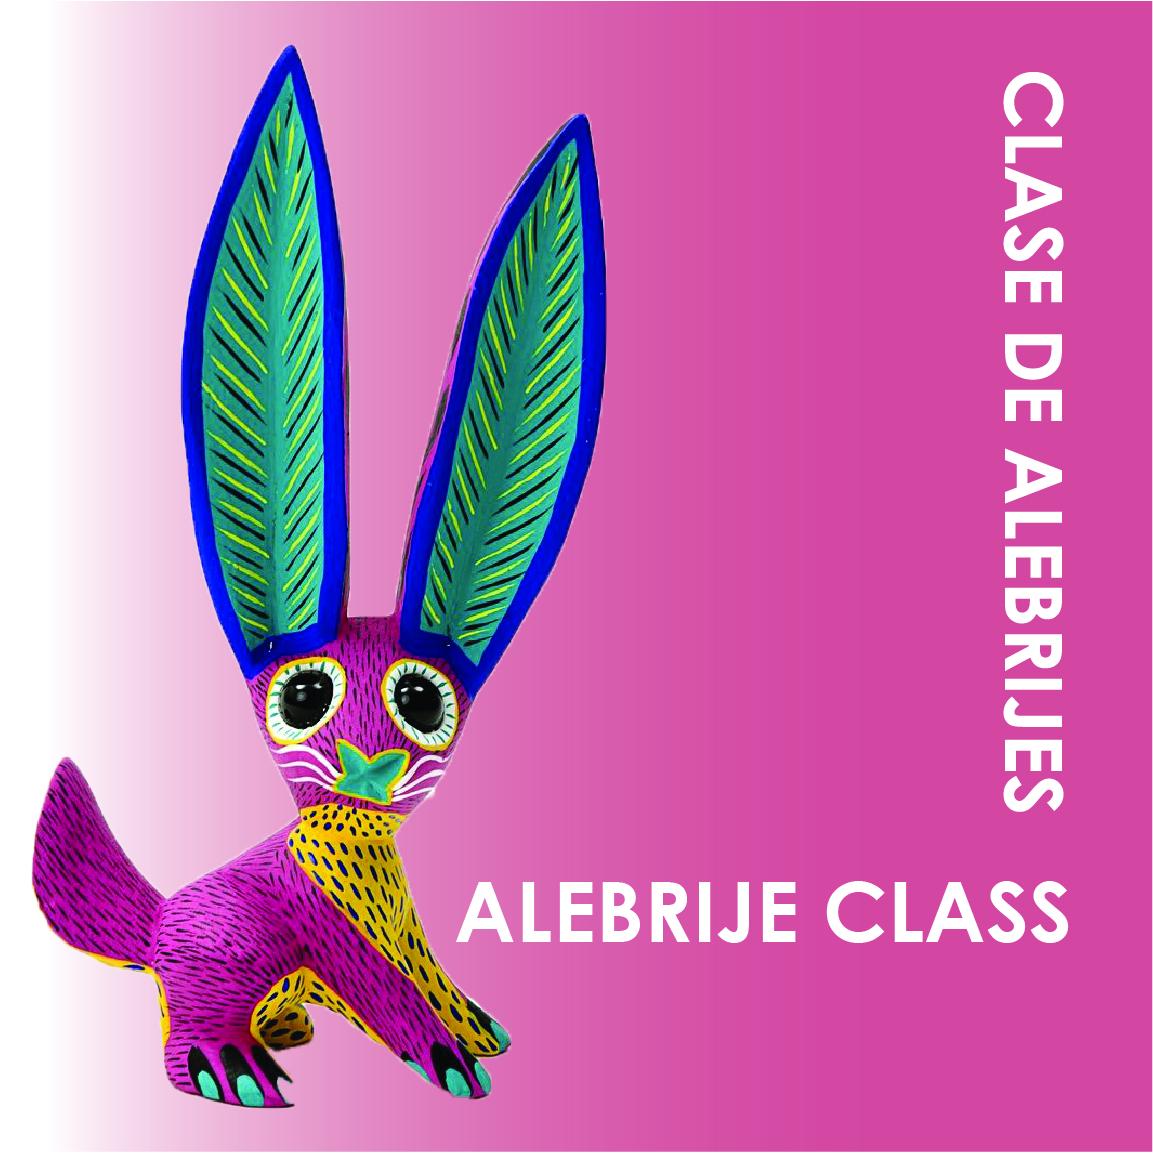 Alebrije Class - English